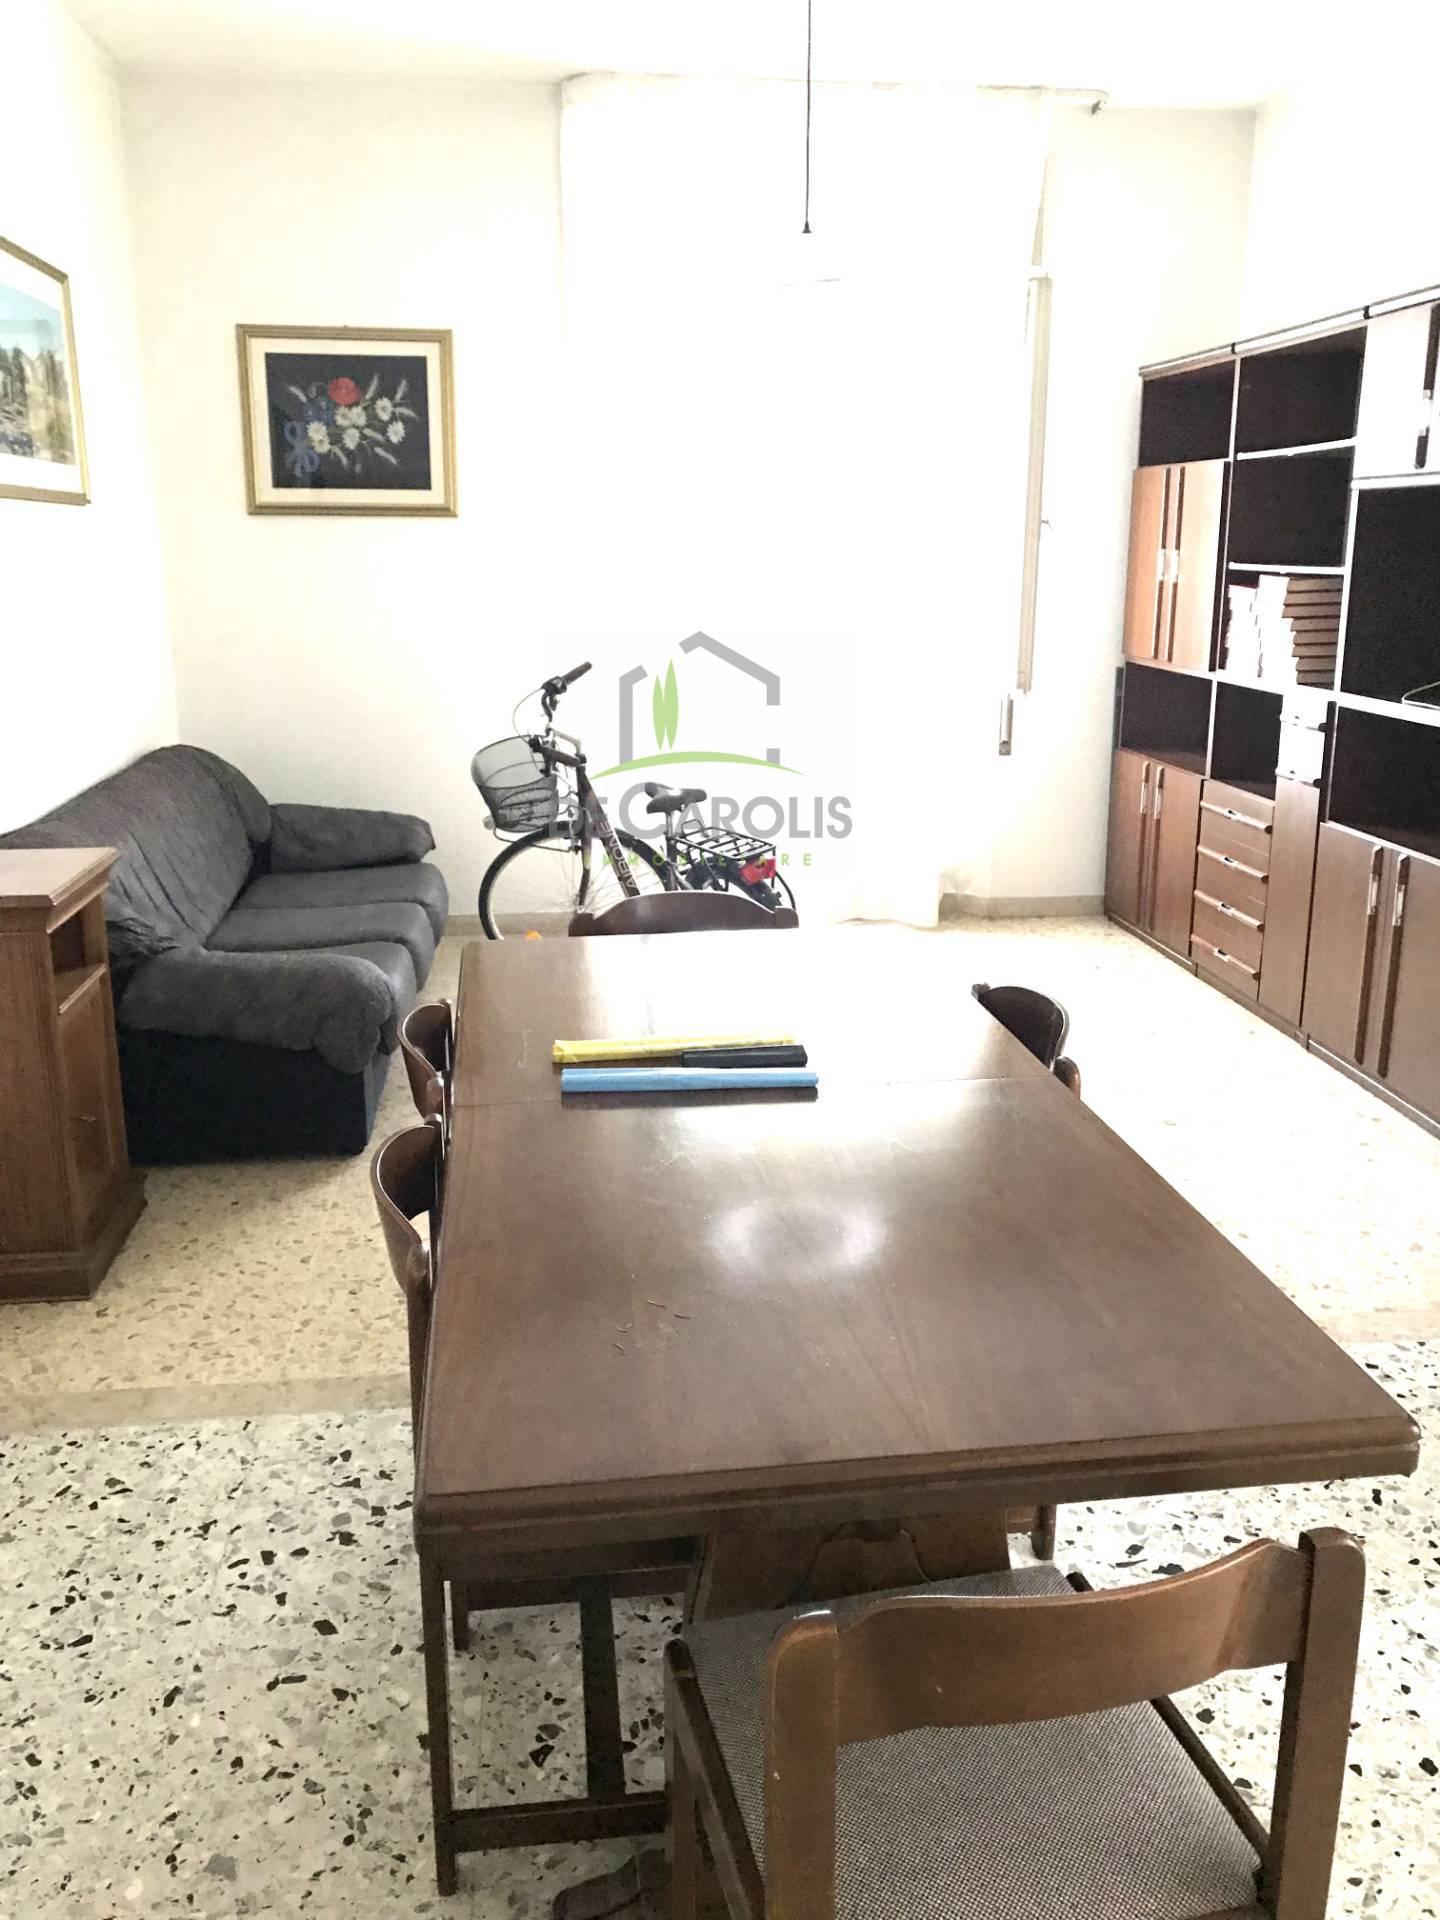 Appartamento in vendita a Monsampolo del Tronto, 4 locali, zona Località: StelladiMonsampolo, prezzo € 90.000 | PortaleAgenzieImmobiliari.it